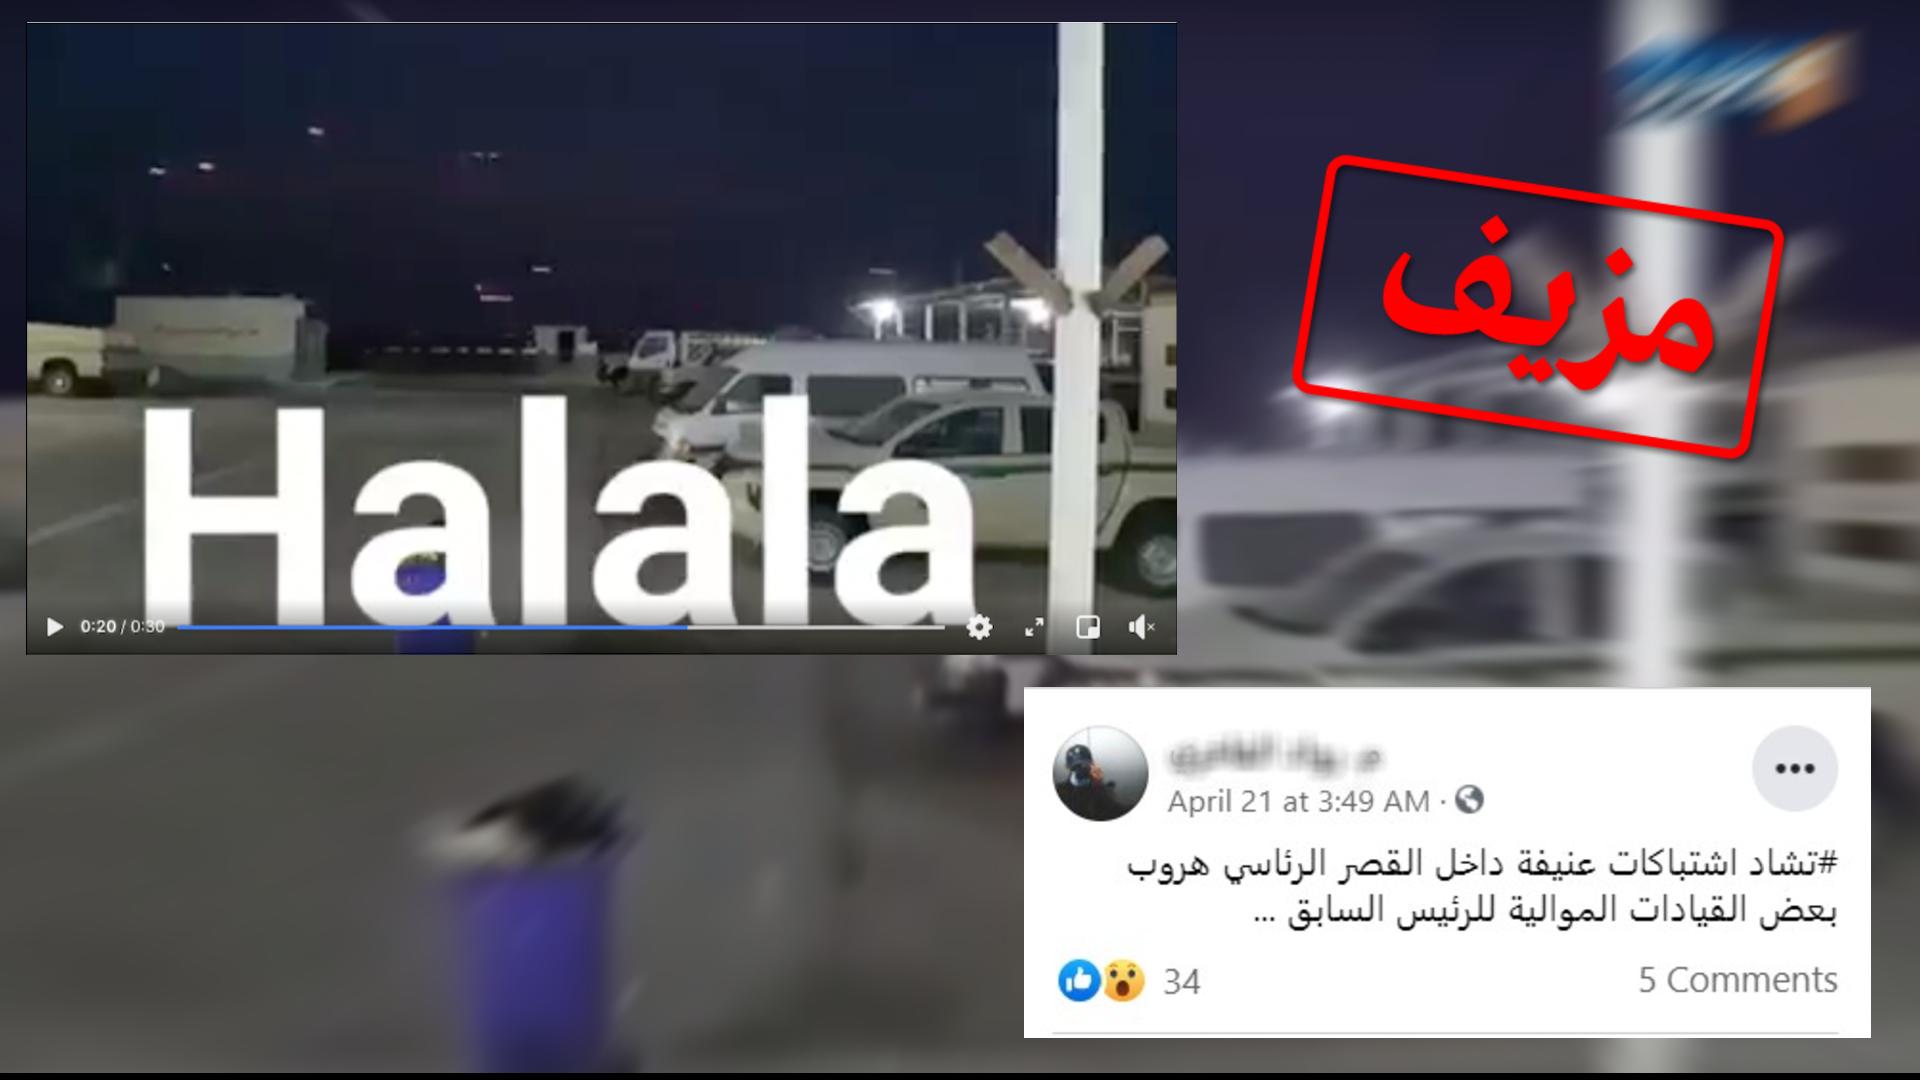 """هذا الفيديو لا يظهر """"انقلابا عسكريا'' في القصر الرئاسي في تشاد، بل يتعلق بمواجهات في محافظة مايسان العراقية سنة 2020. صورة مراقبون"""